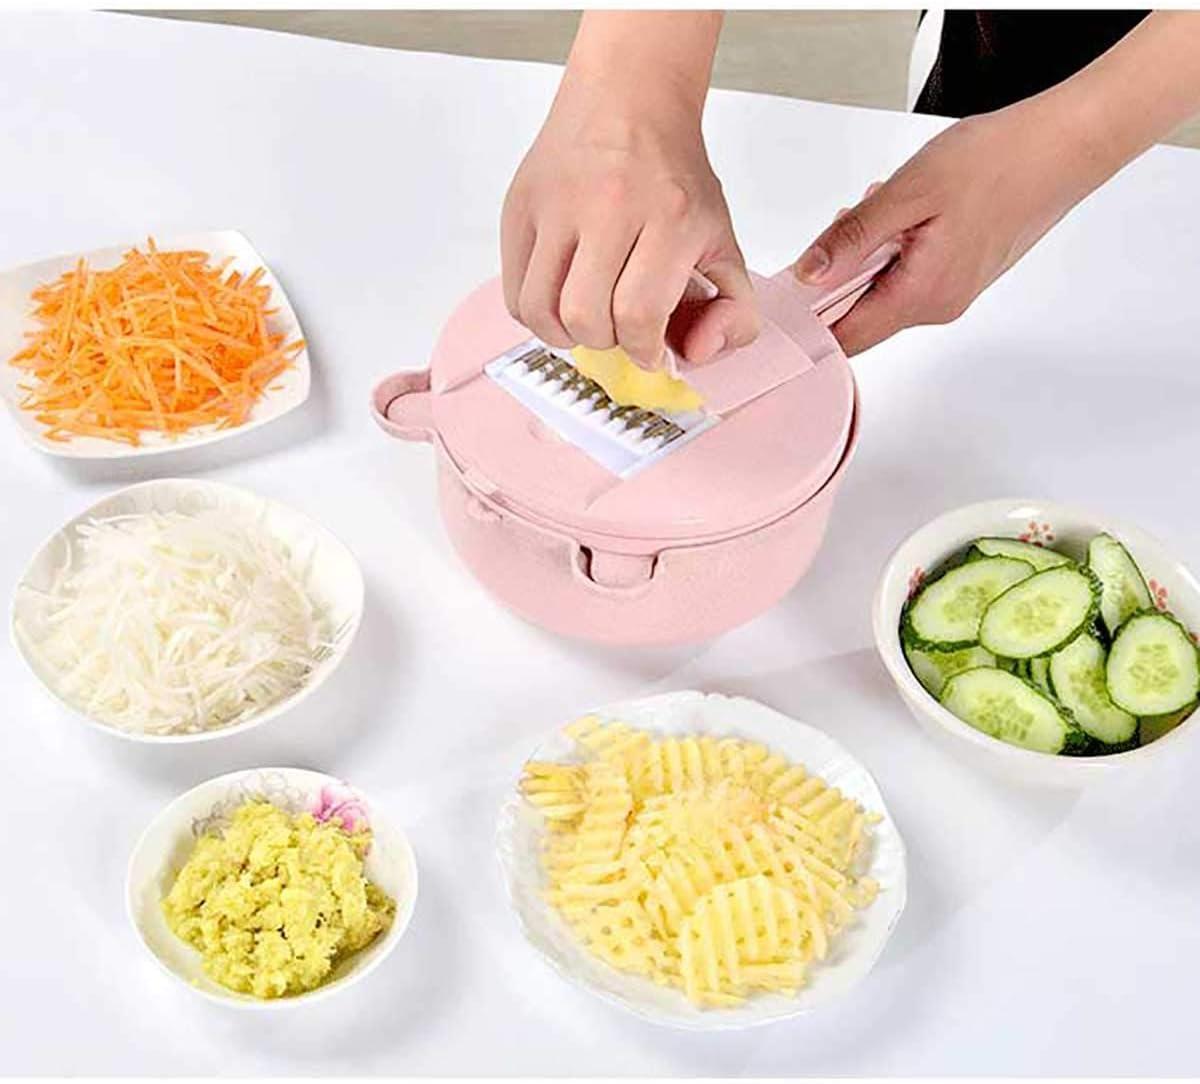 OPYWQS Vegetable Mandoline Slicer 10 in 1 Cutter Slicer Shredder Chopper Grater,4 Different Blades,Egg Separator & Drain Basket,for Kitchen